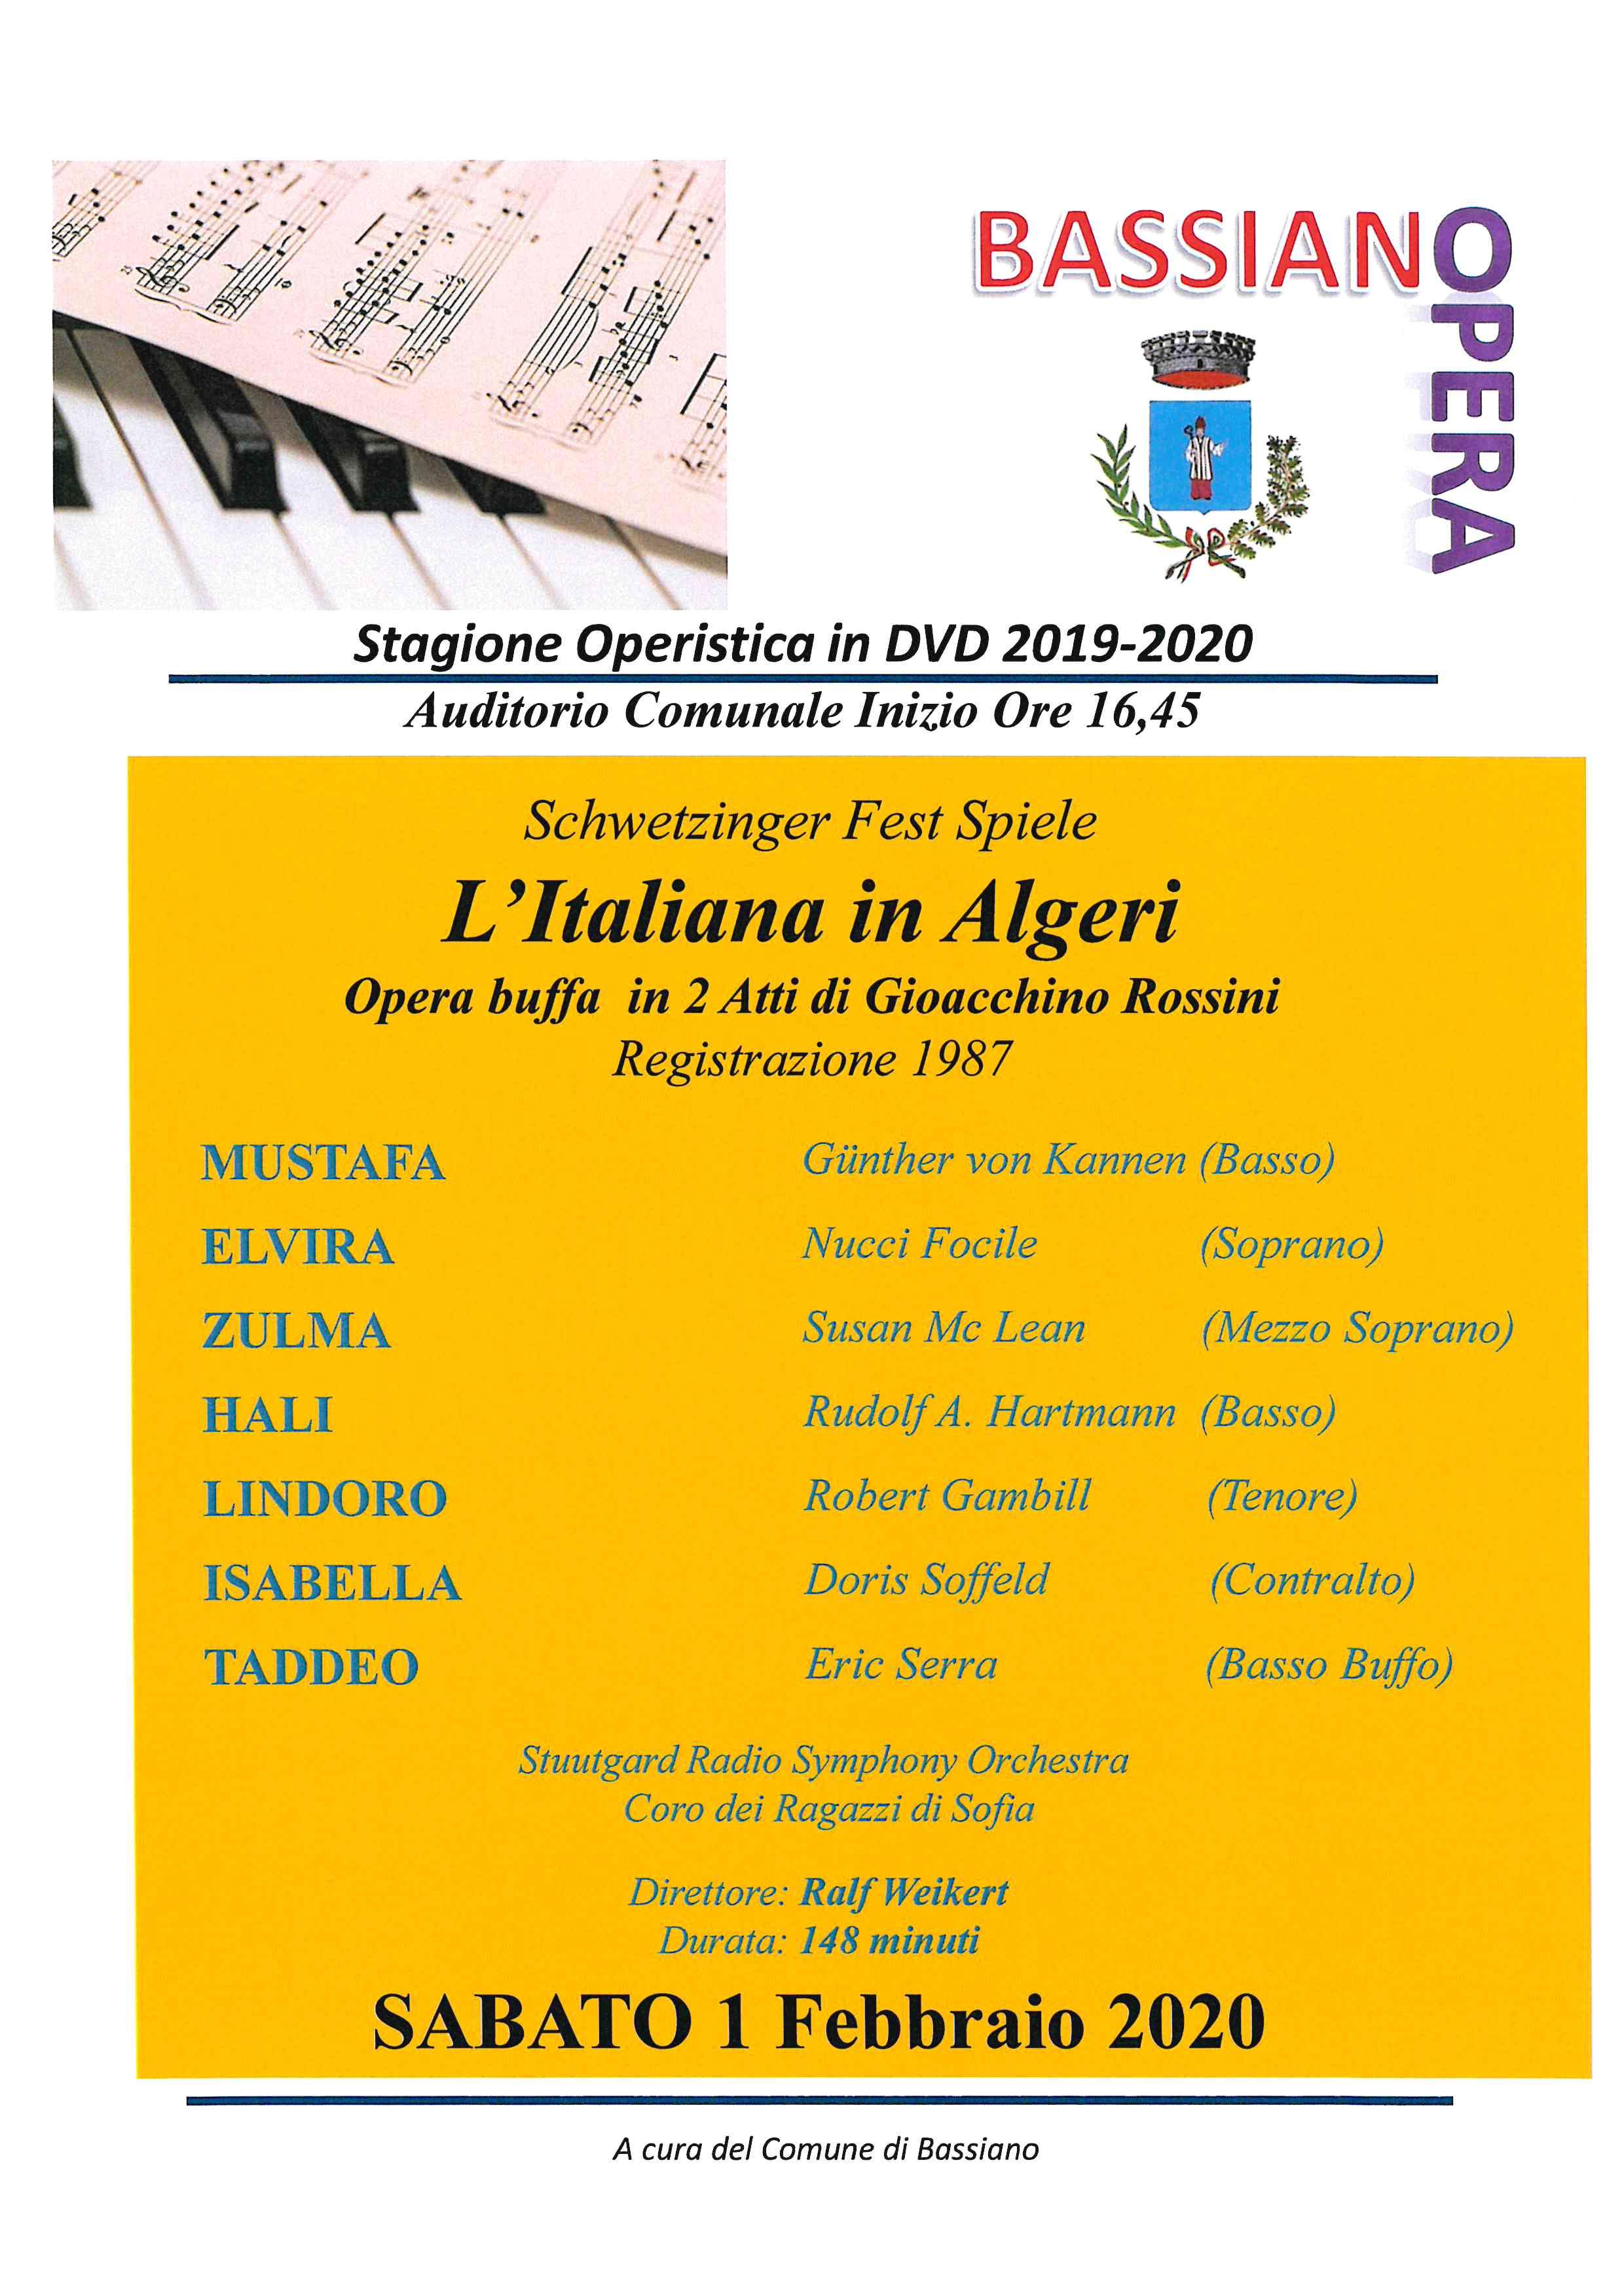 STAGIONE OPERISTICA IN DVD 2019-2020 - AUDITORIUM COMUNALE INIZIO 16:45 - L'ITALIANA IN ALGERI